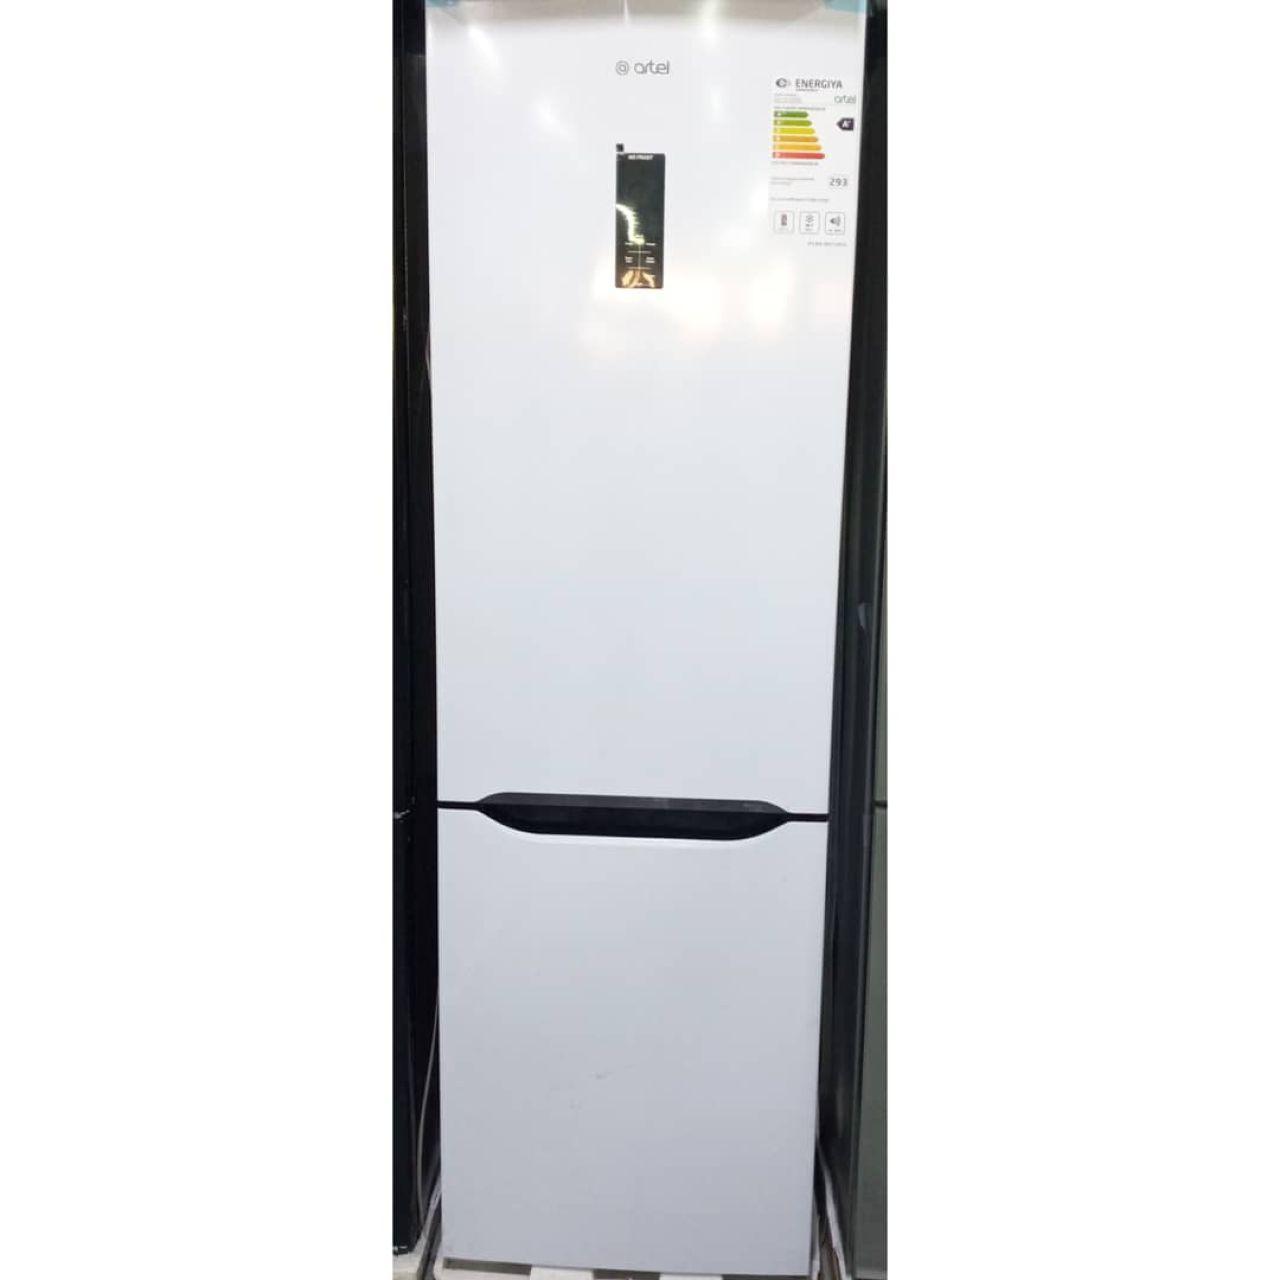 Двухкамерный холодильник Artel 350 литров